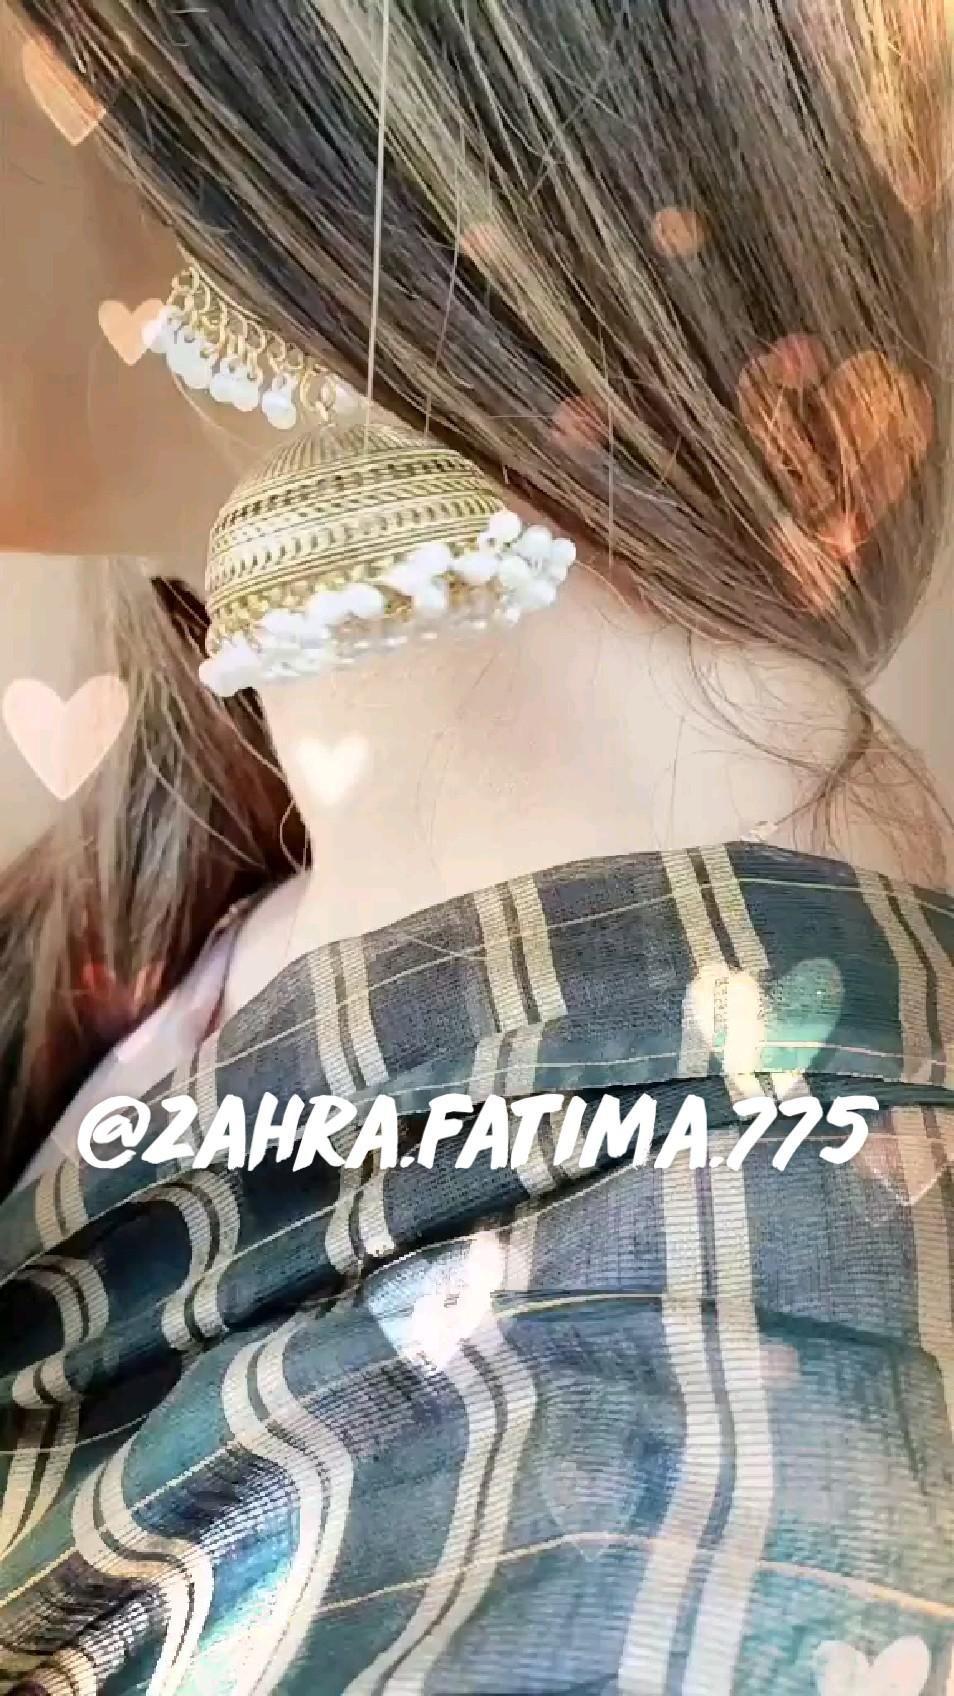 𝔏𝔞𝔪𝔟𝔢𝔶 𝔩𝔞𝔪𝔟𝔢𝔶 𝔧𝔥𝔲𝔪𝔨𝔢𝔶 🤎🤎🤎 @zahra.fatima.775